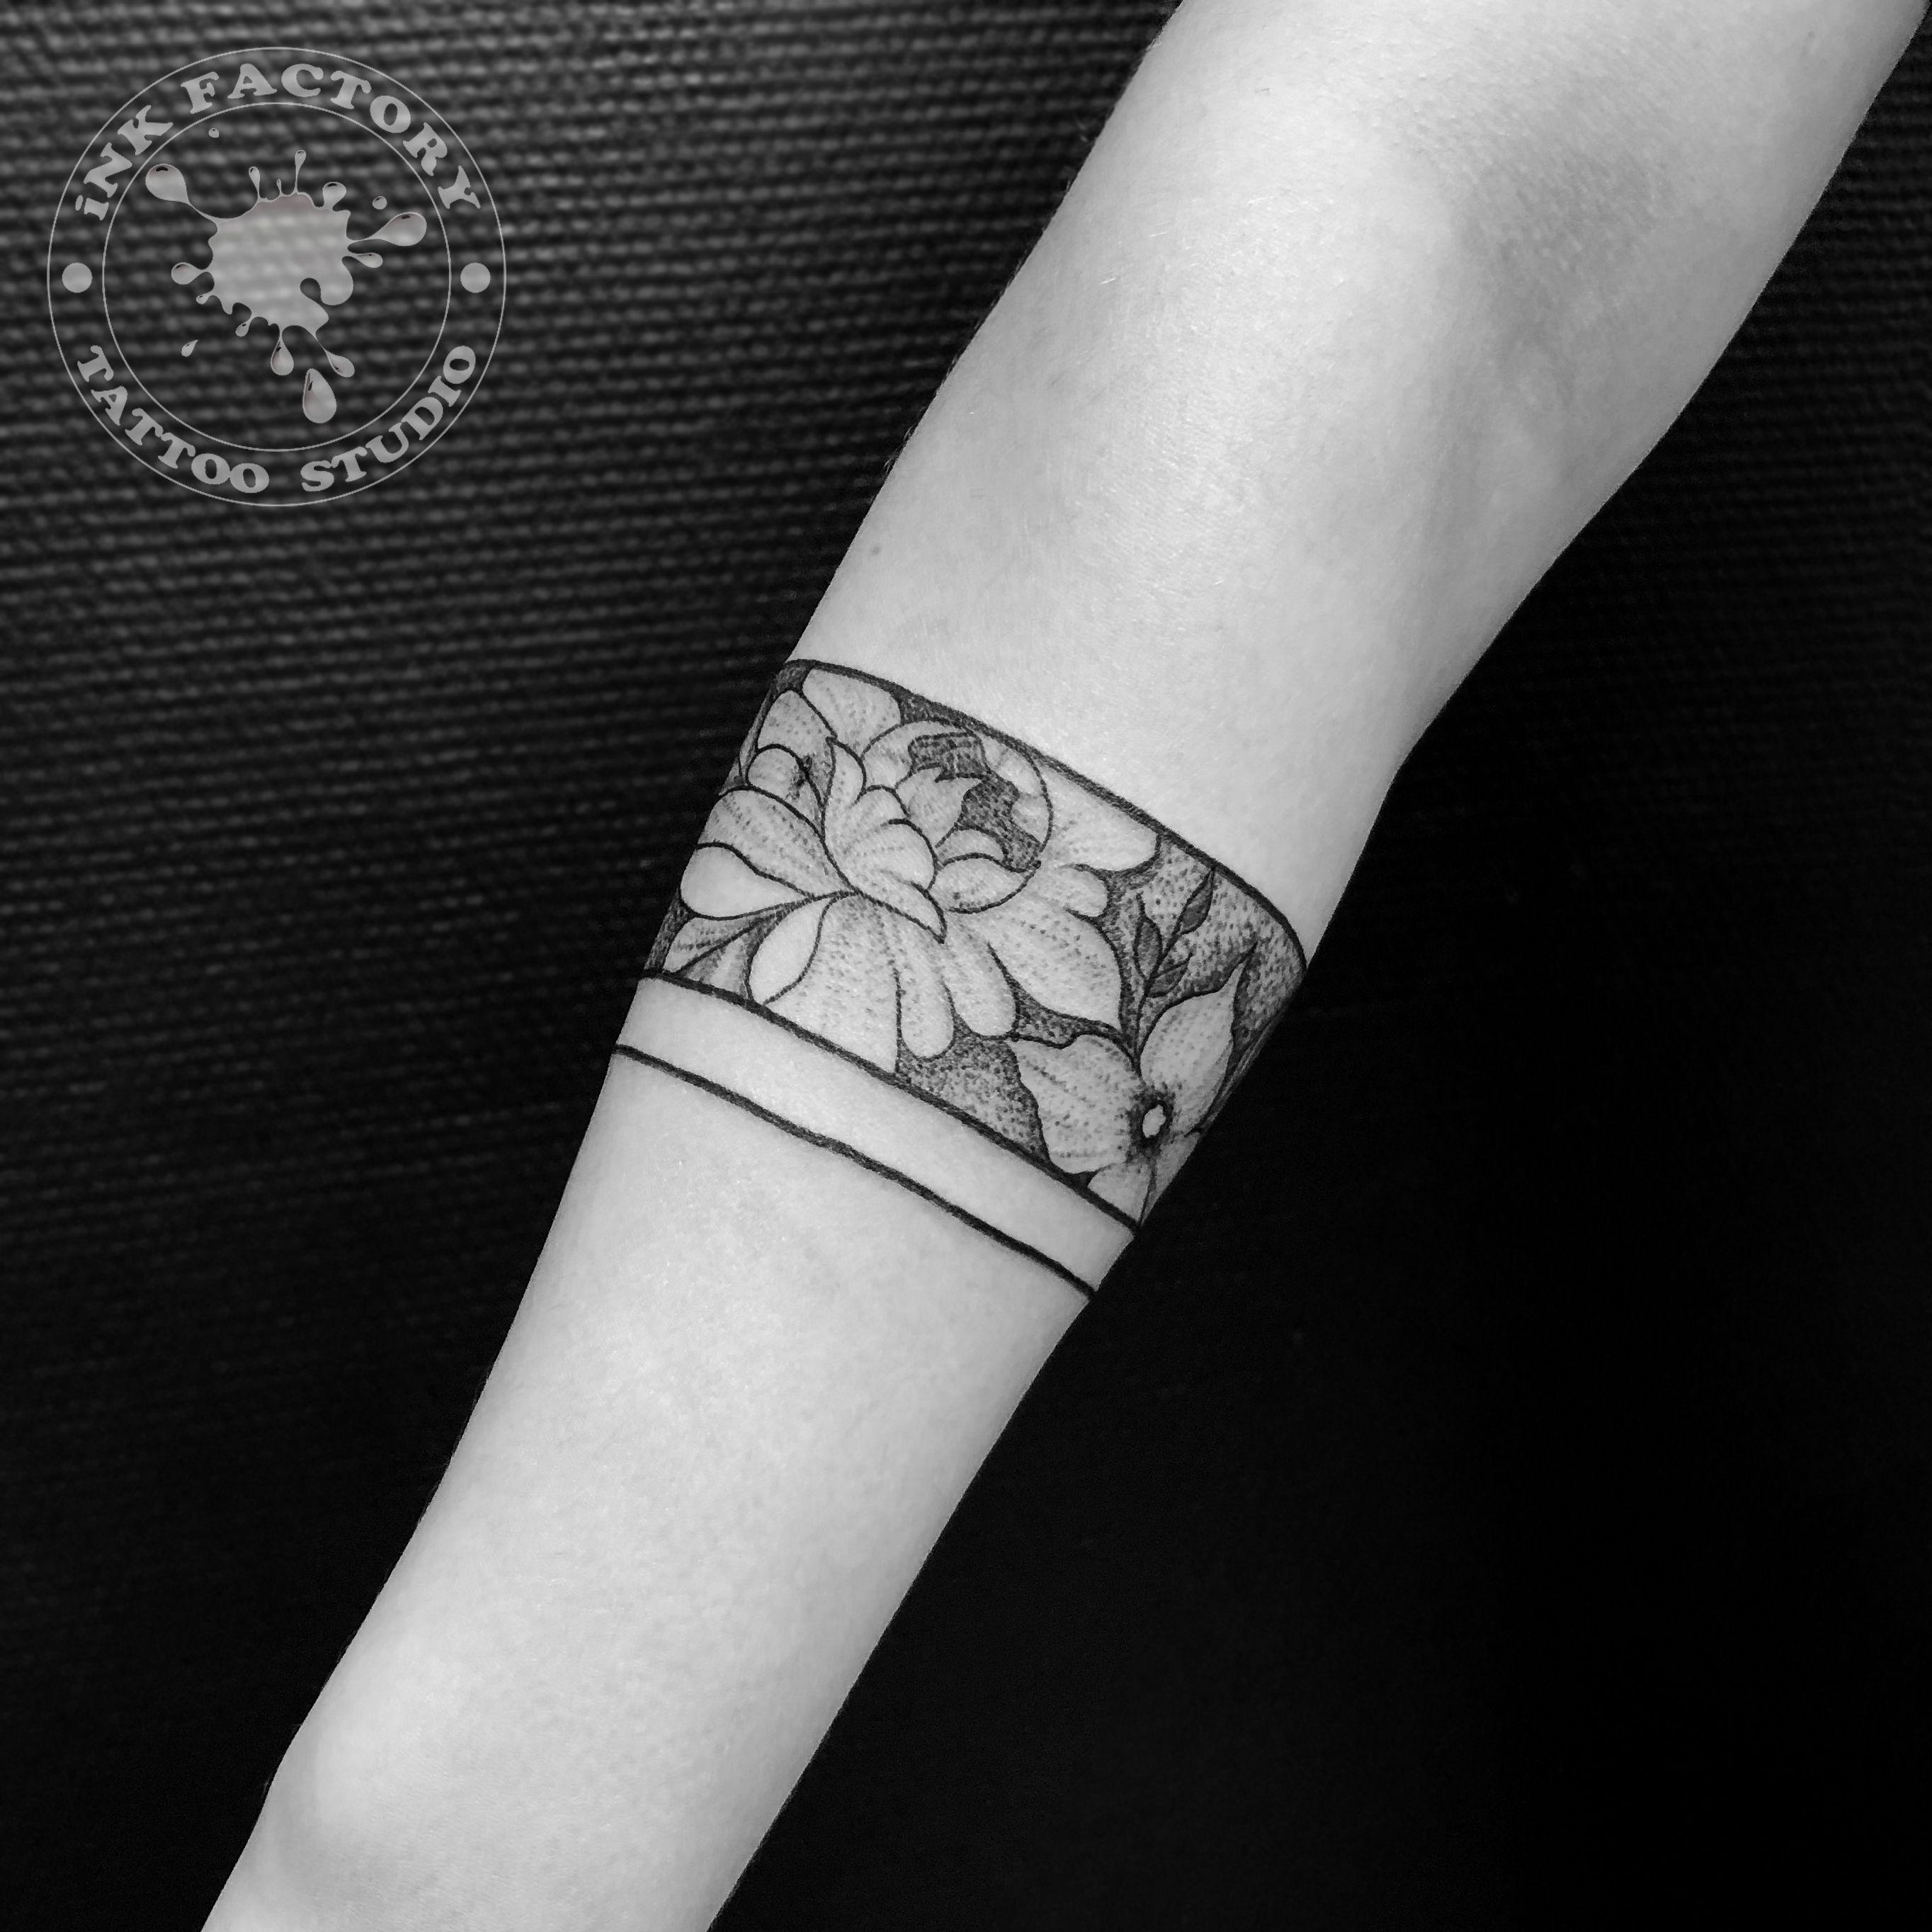 фото тату Татуировка руны выбитые в камне 667